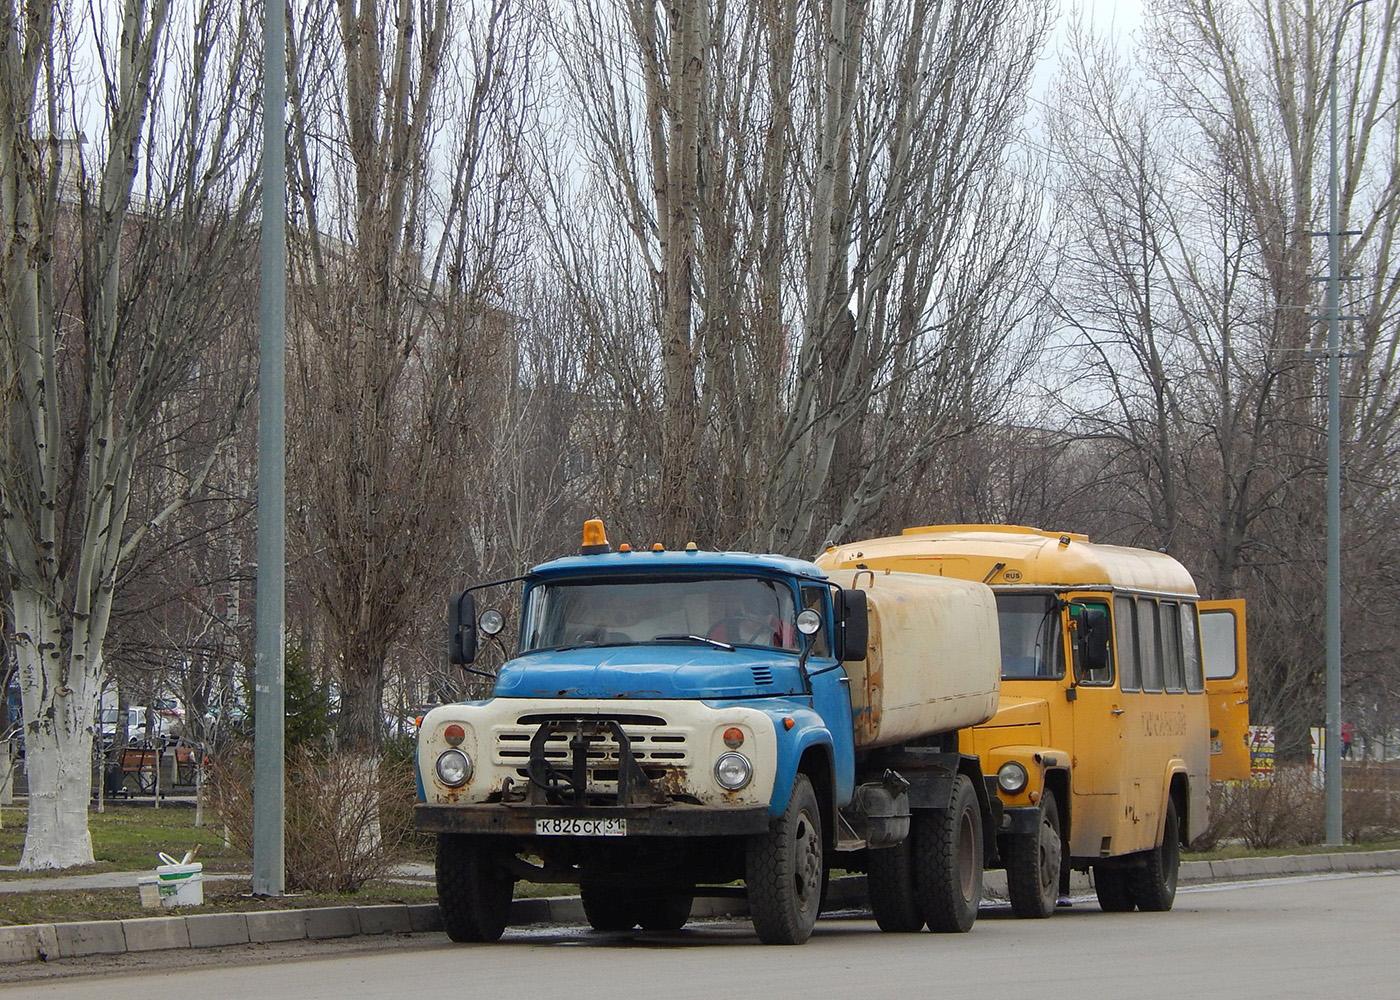 Поливомоечная машина КО-002 на шасси ЗиЛ-431412 # К 826 СК 31. Белгородская область, г. Алексеевка, ул. Мостовая